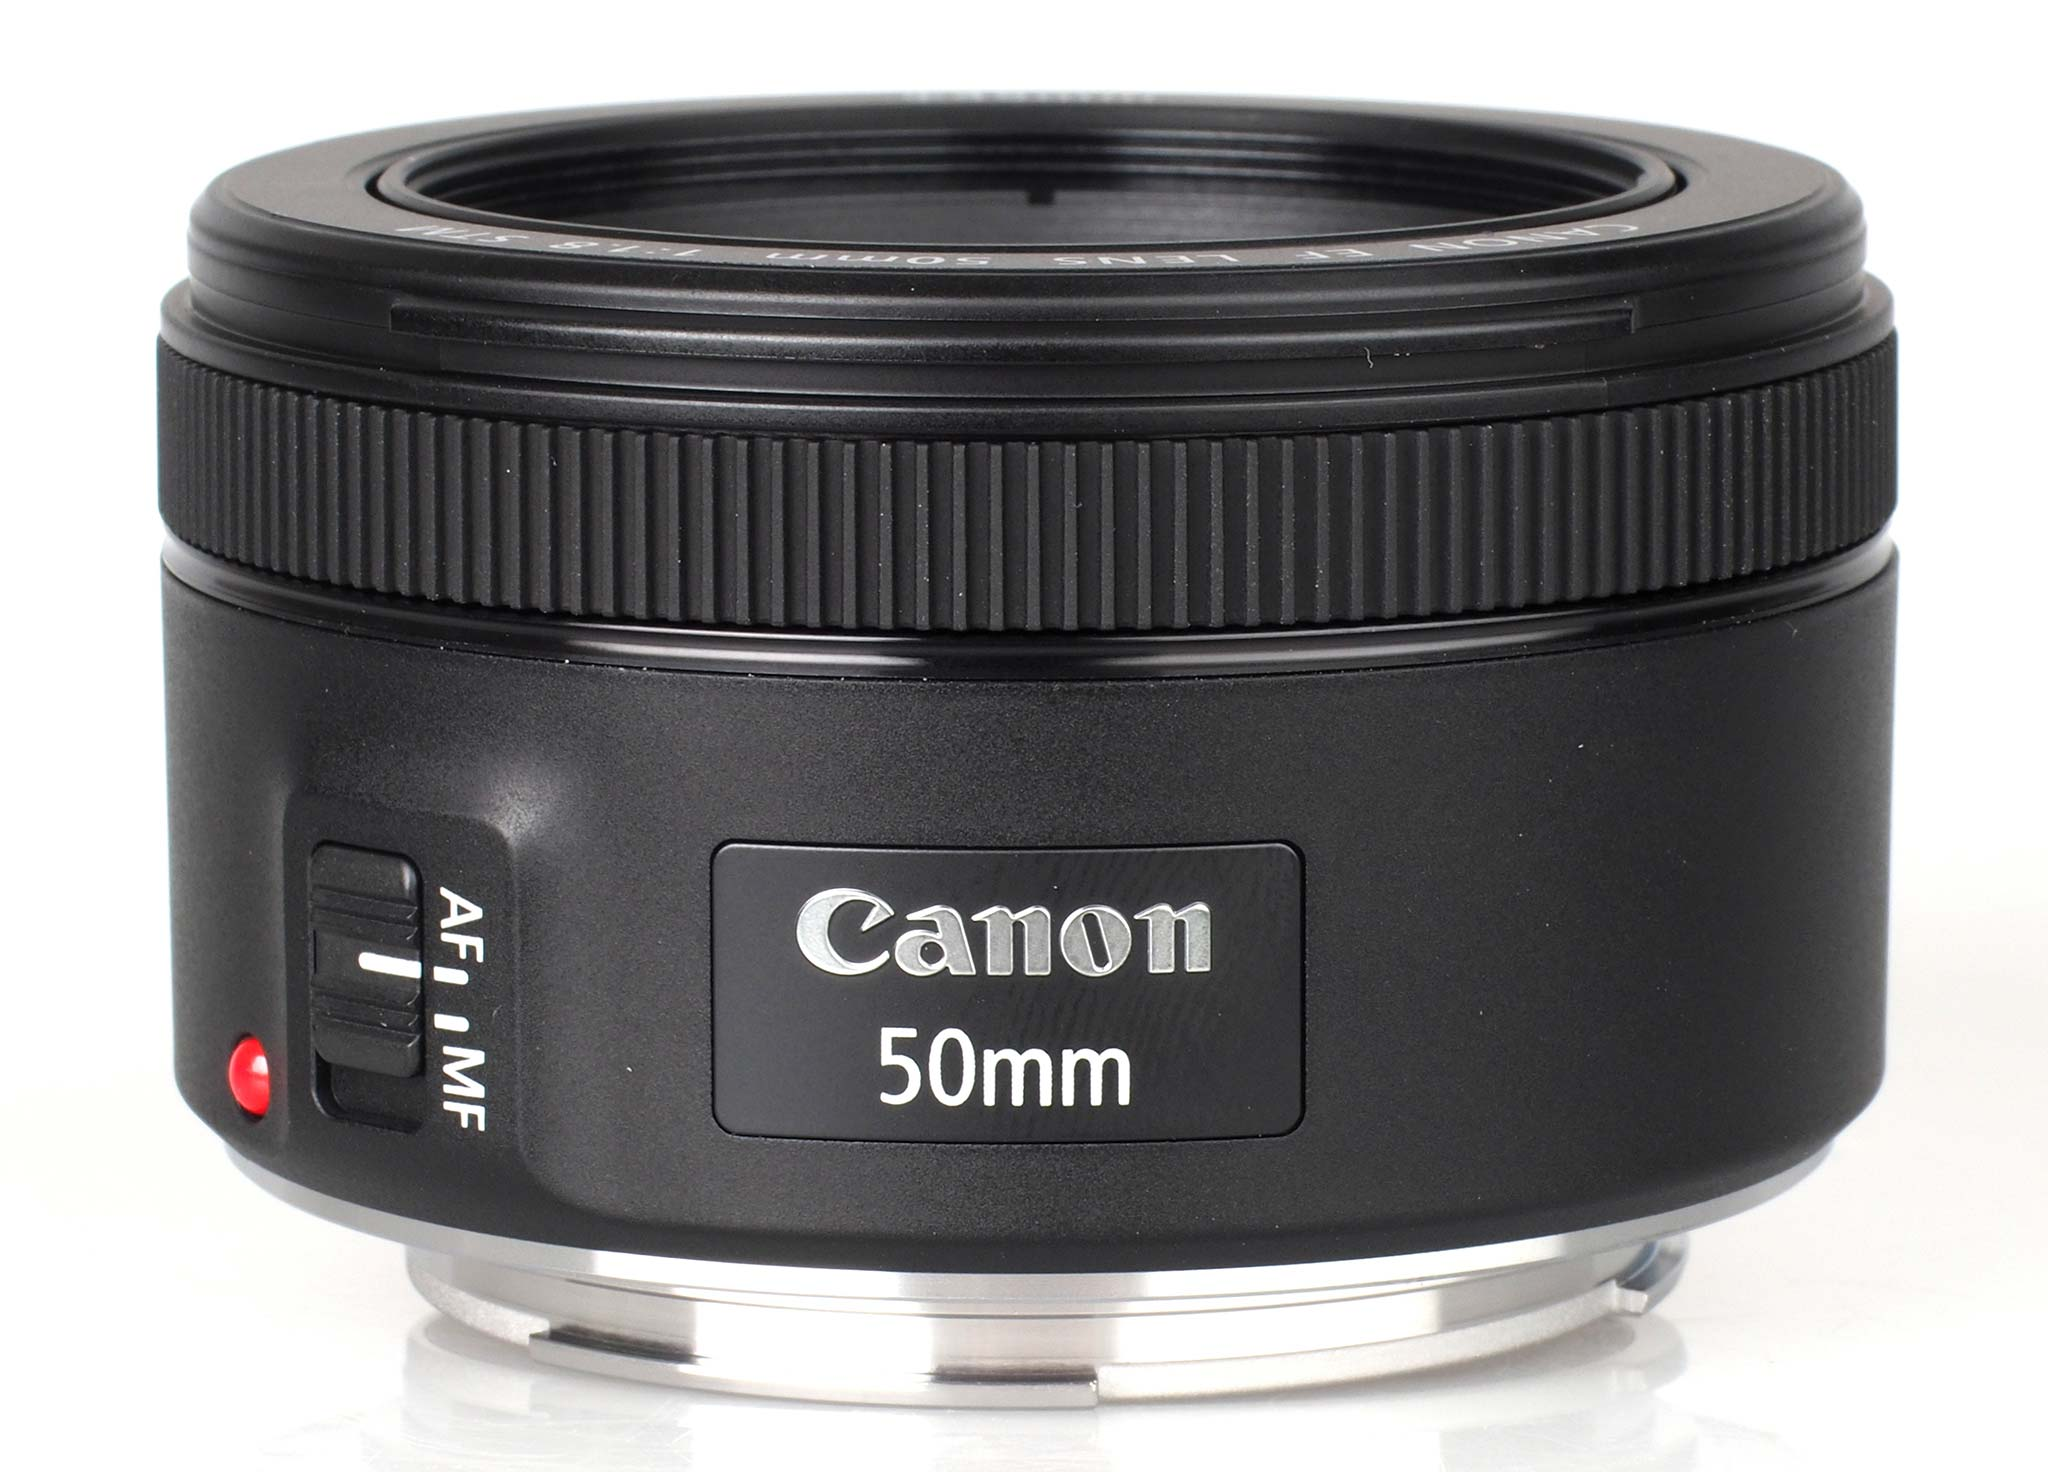 highres-Canon-EF-50mm-f1-8-STM-4_1433862746.jpg